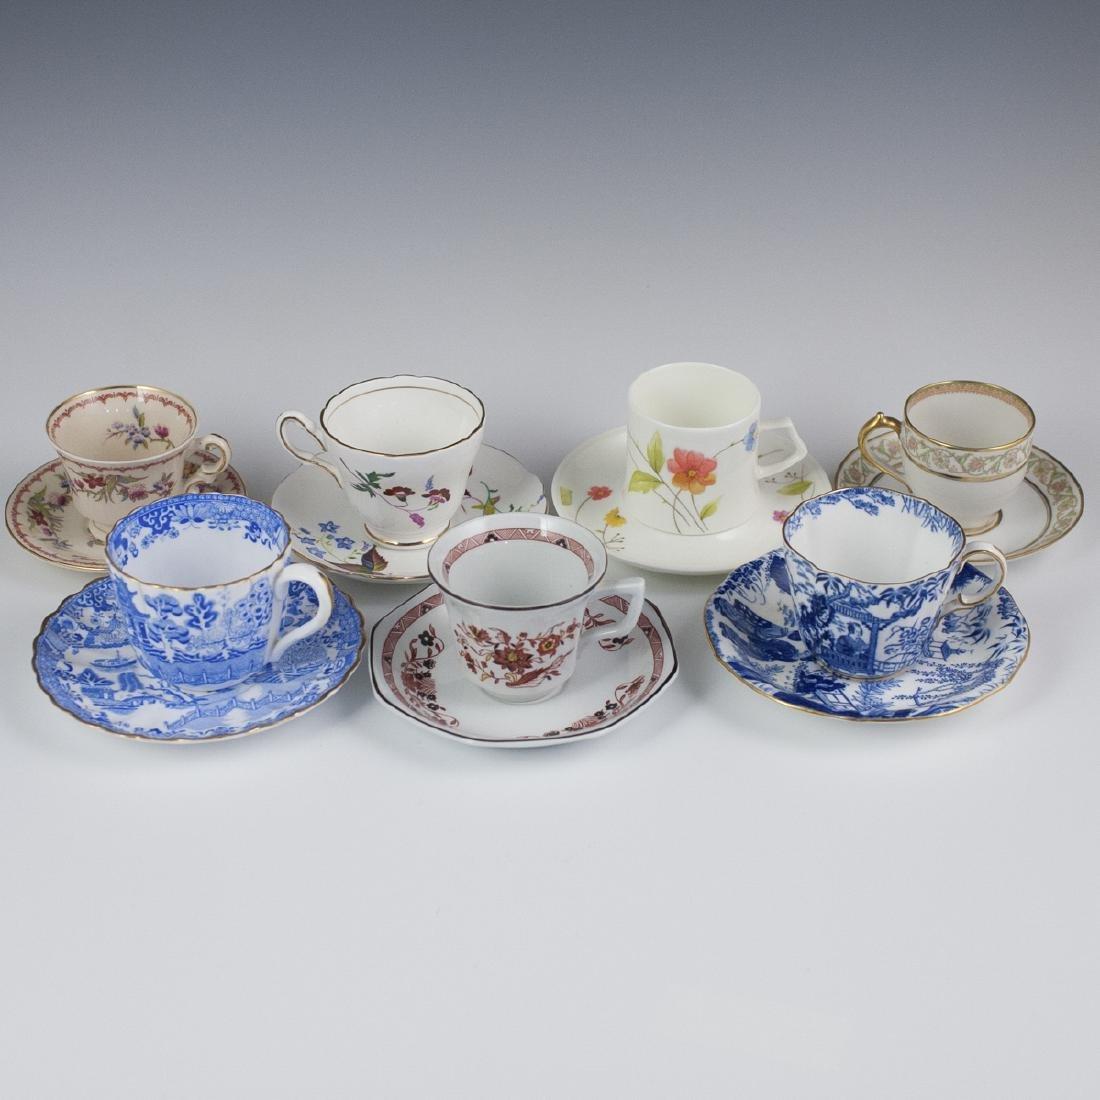 Vintage Porcelain Demitasse Cups